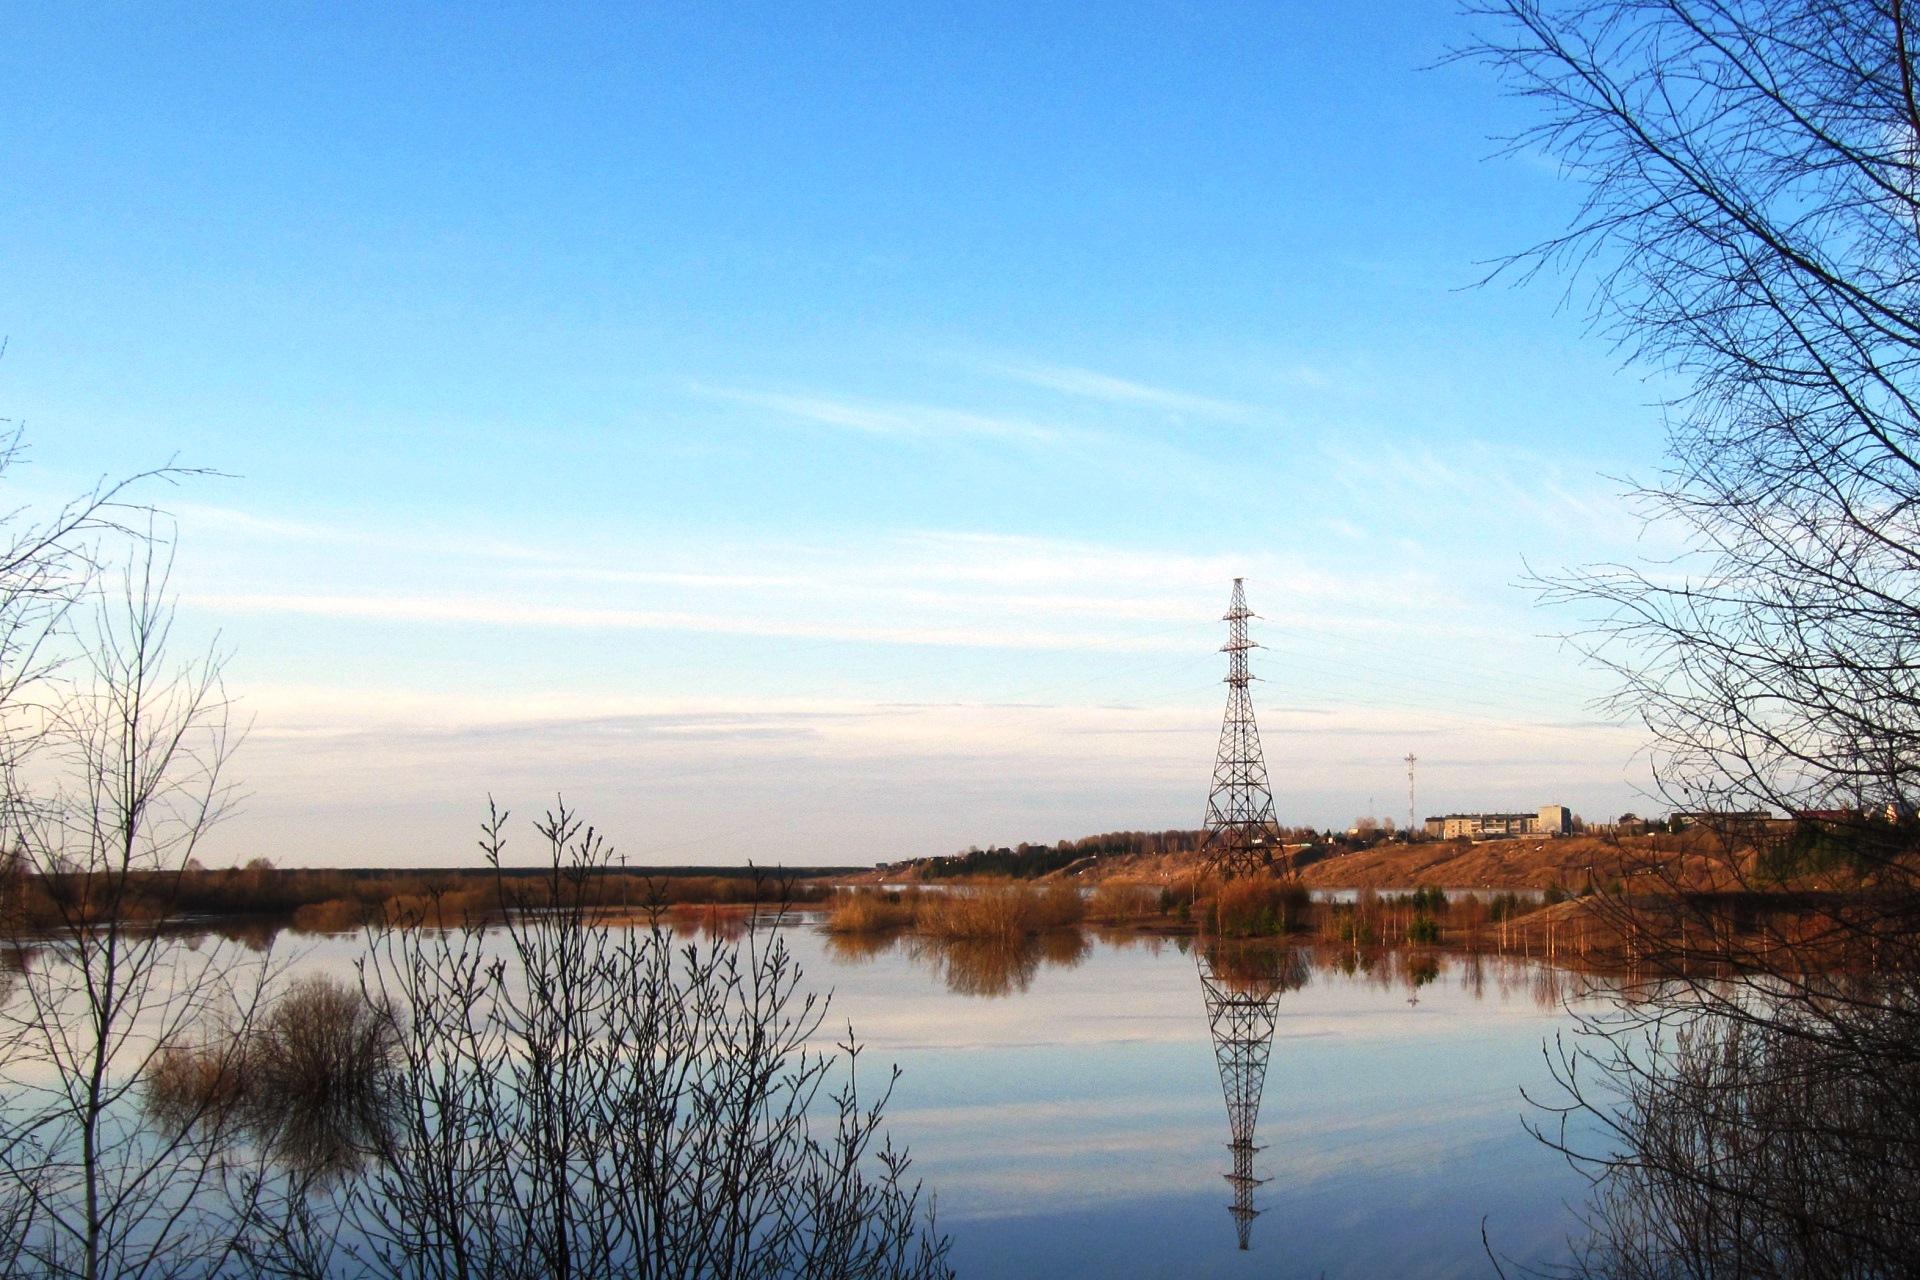 Тверьэнерго готово к прохождению паводкового периода